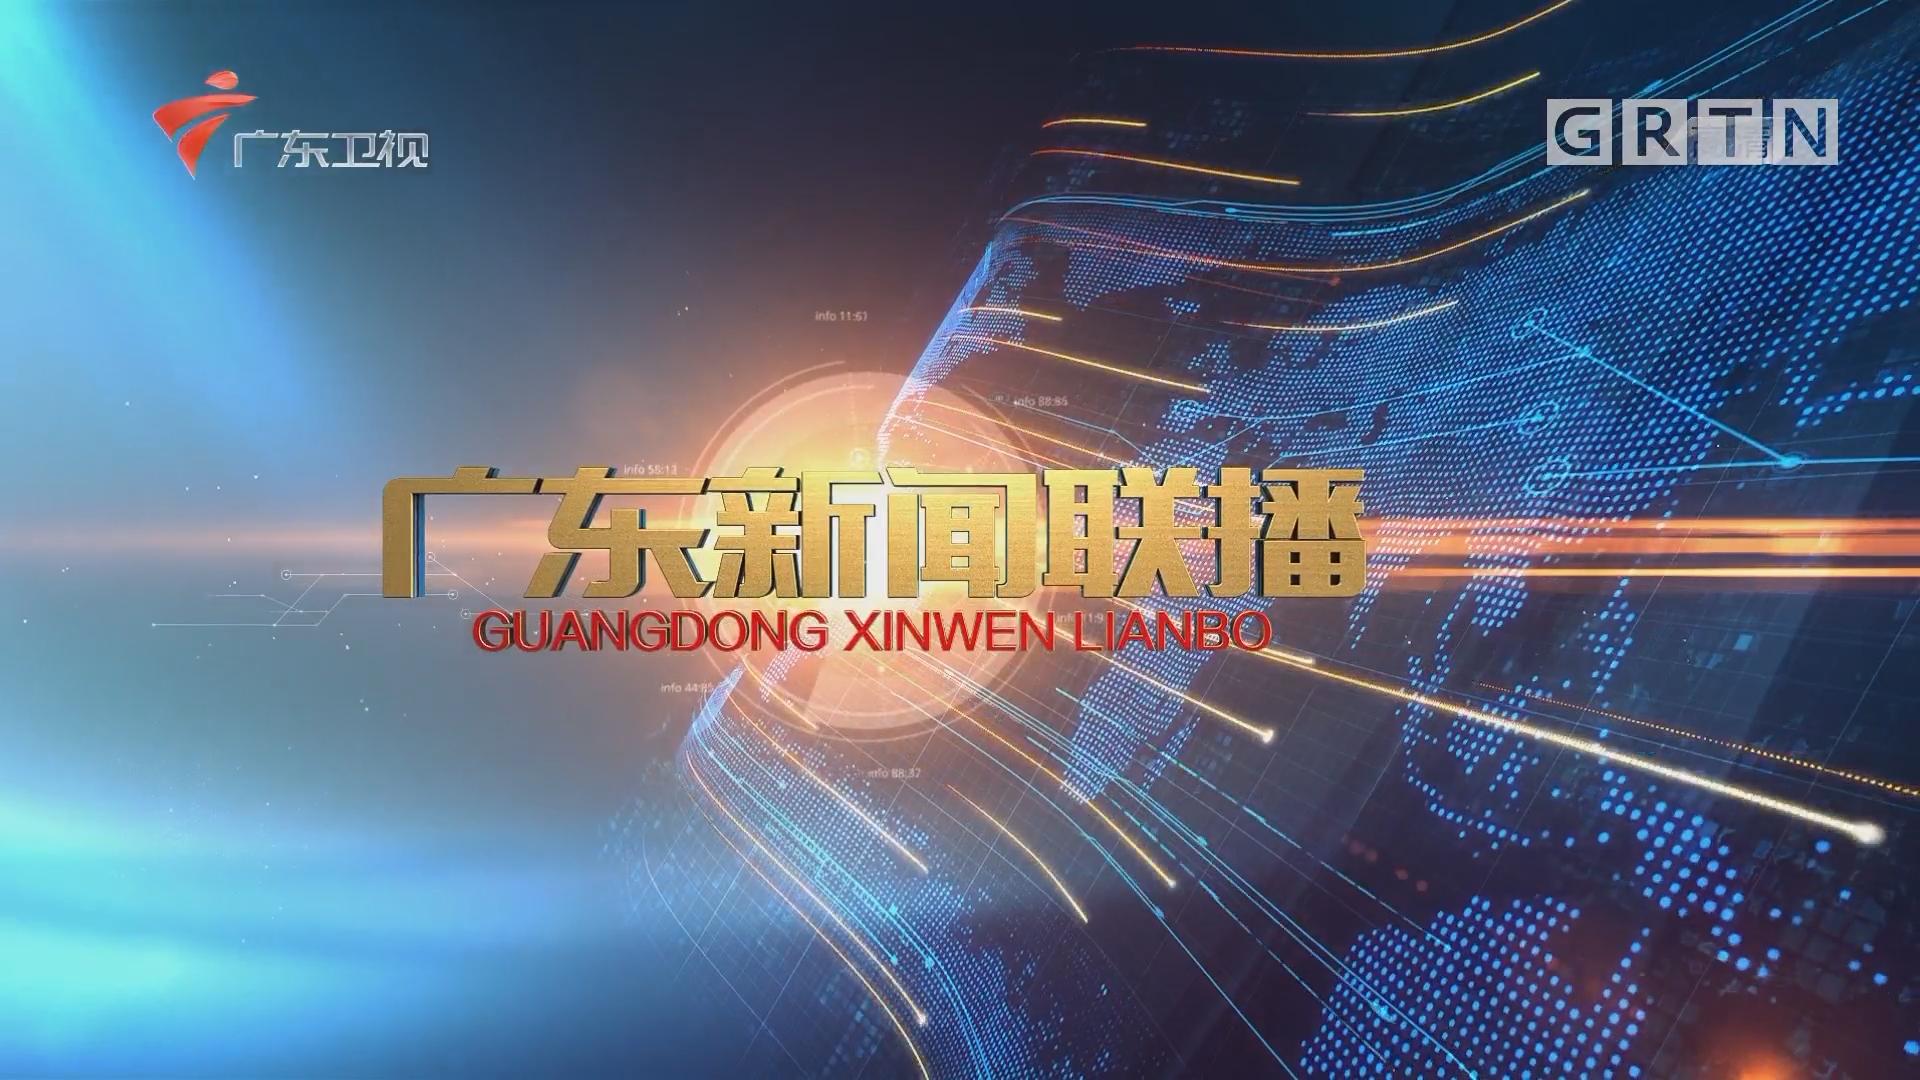 [HD][2018-03-08]广东新闻联播:习近平参加广东代表团审议